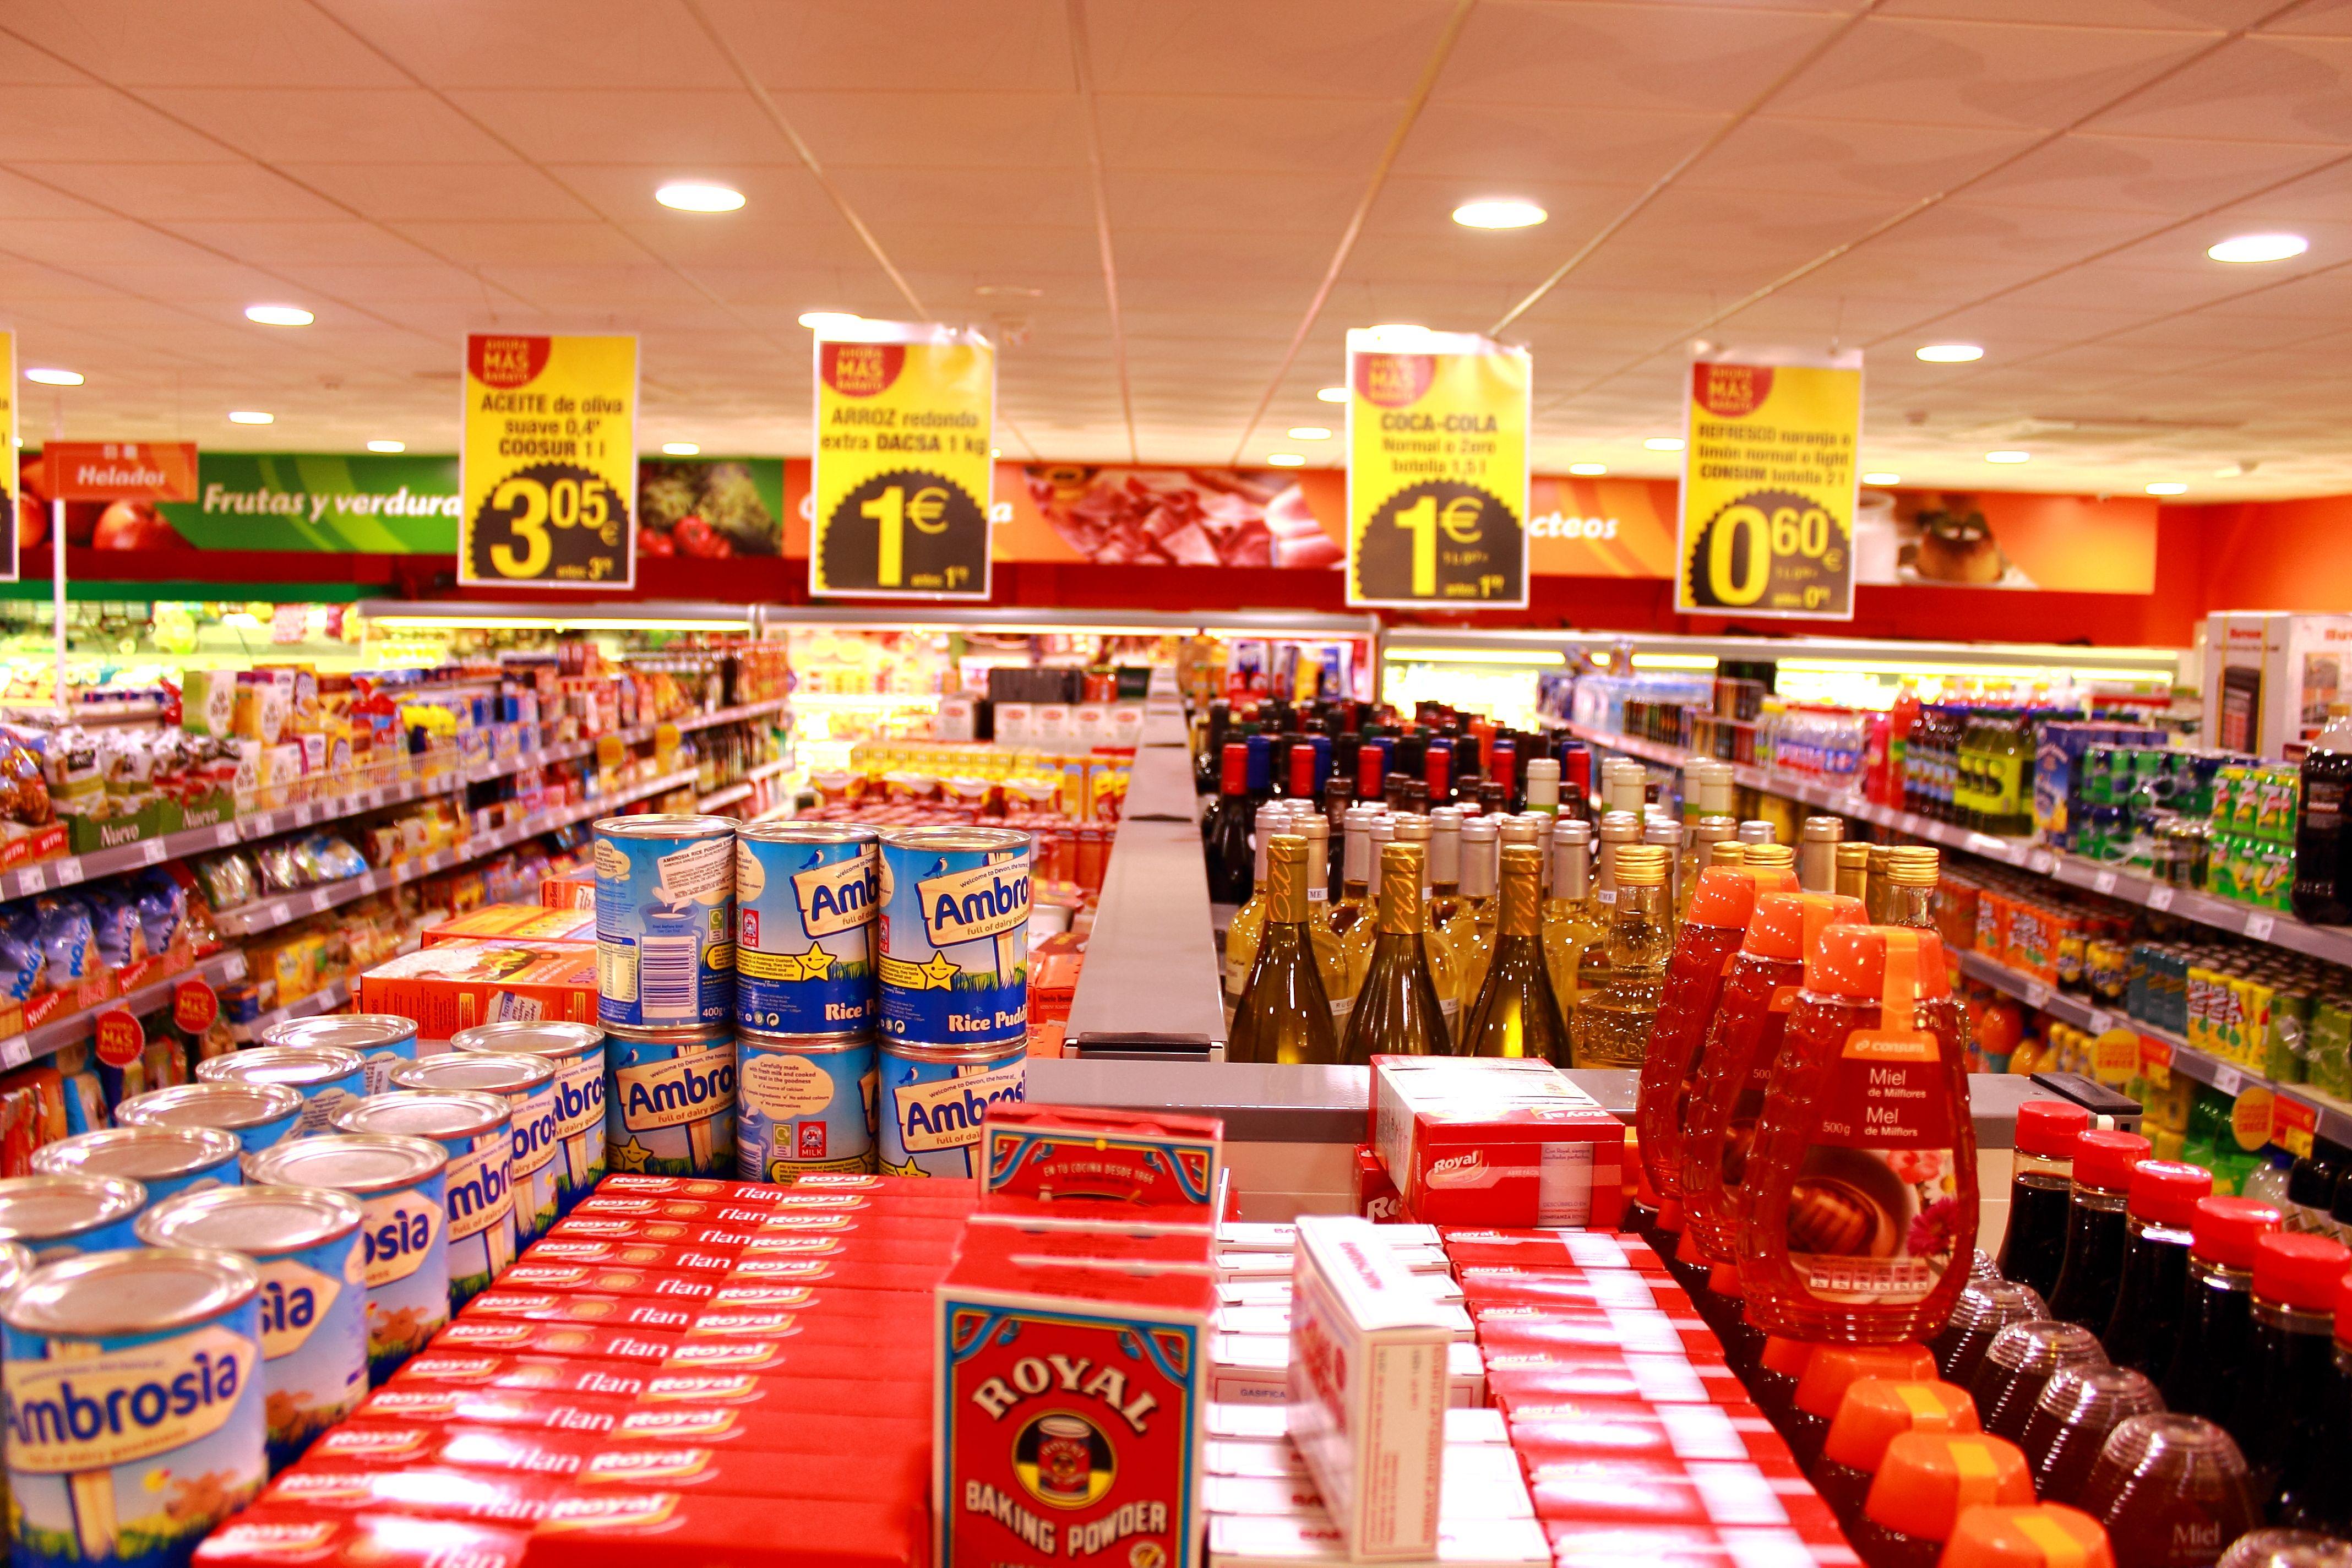 Consum 1 Consum Supermercado Charter Supermercado